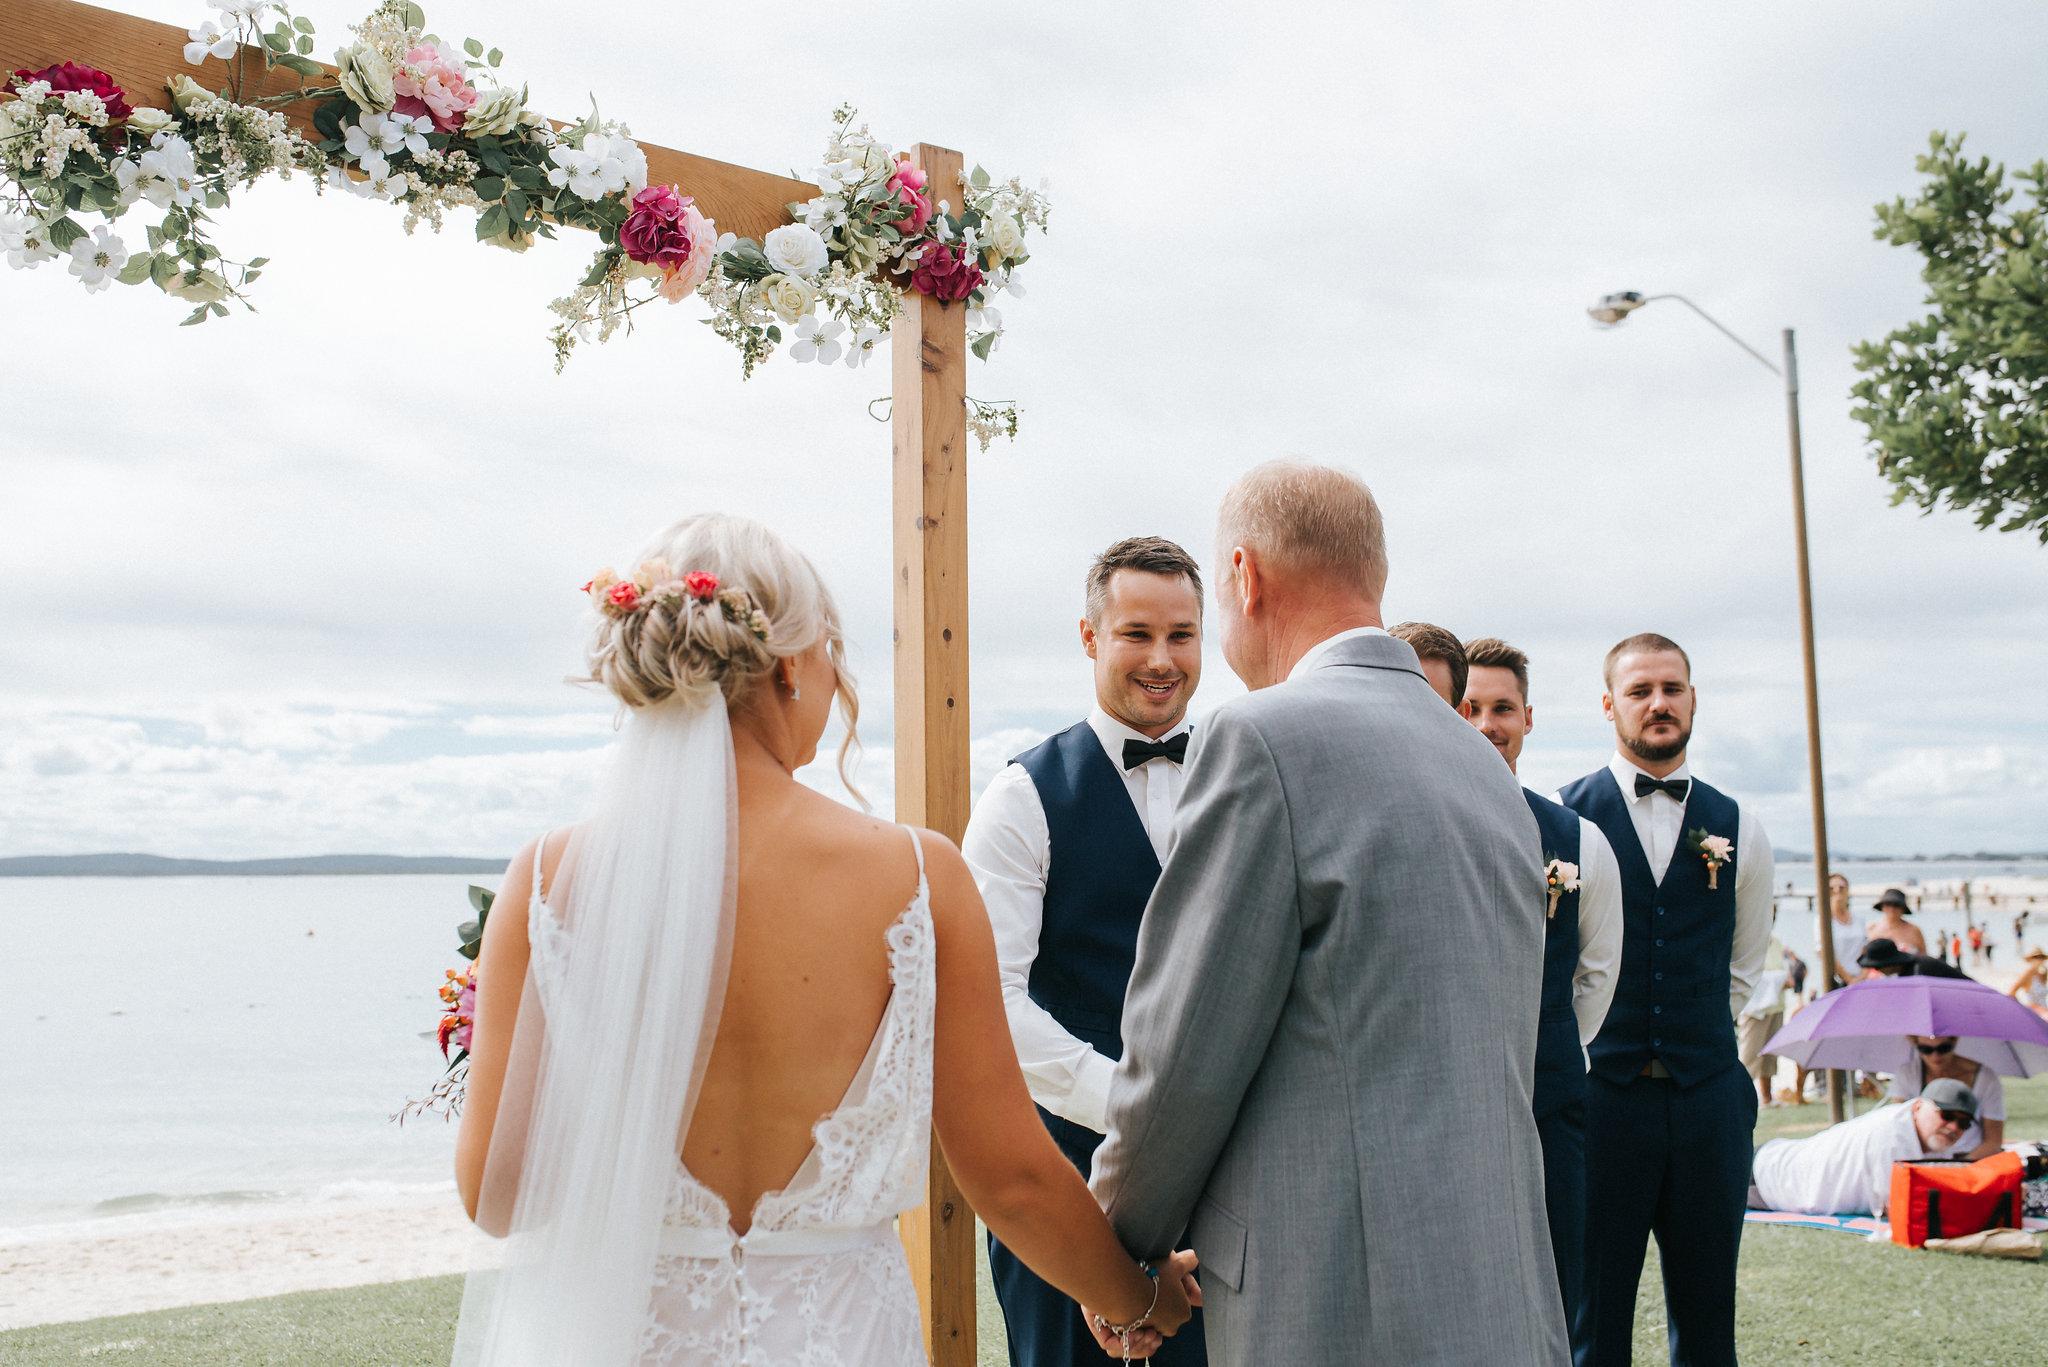 LITTLE-BEACH-WEDDING-MARCHANT-372.jpg